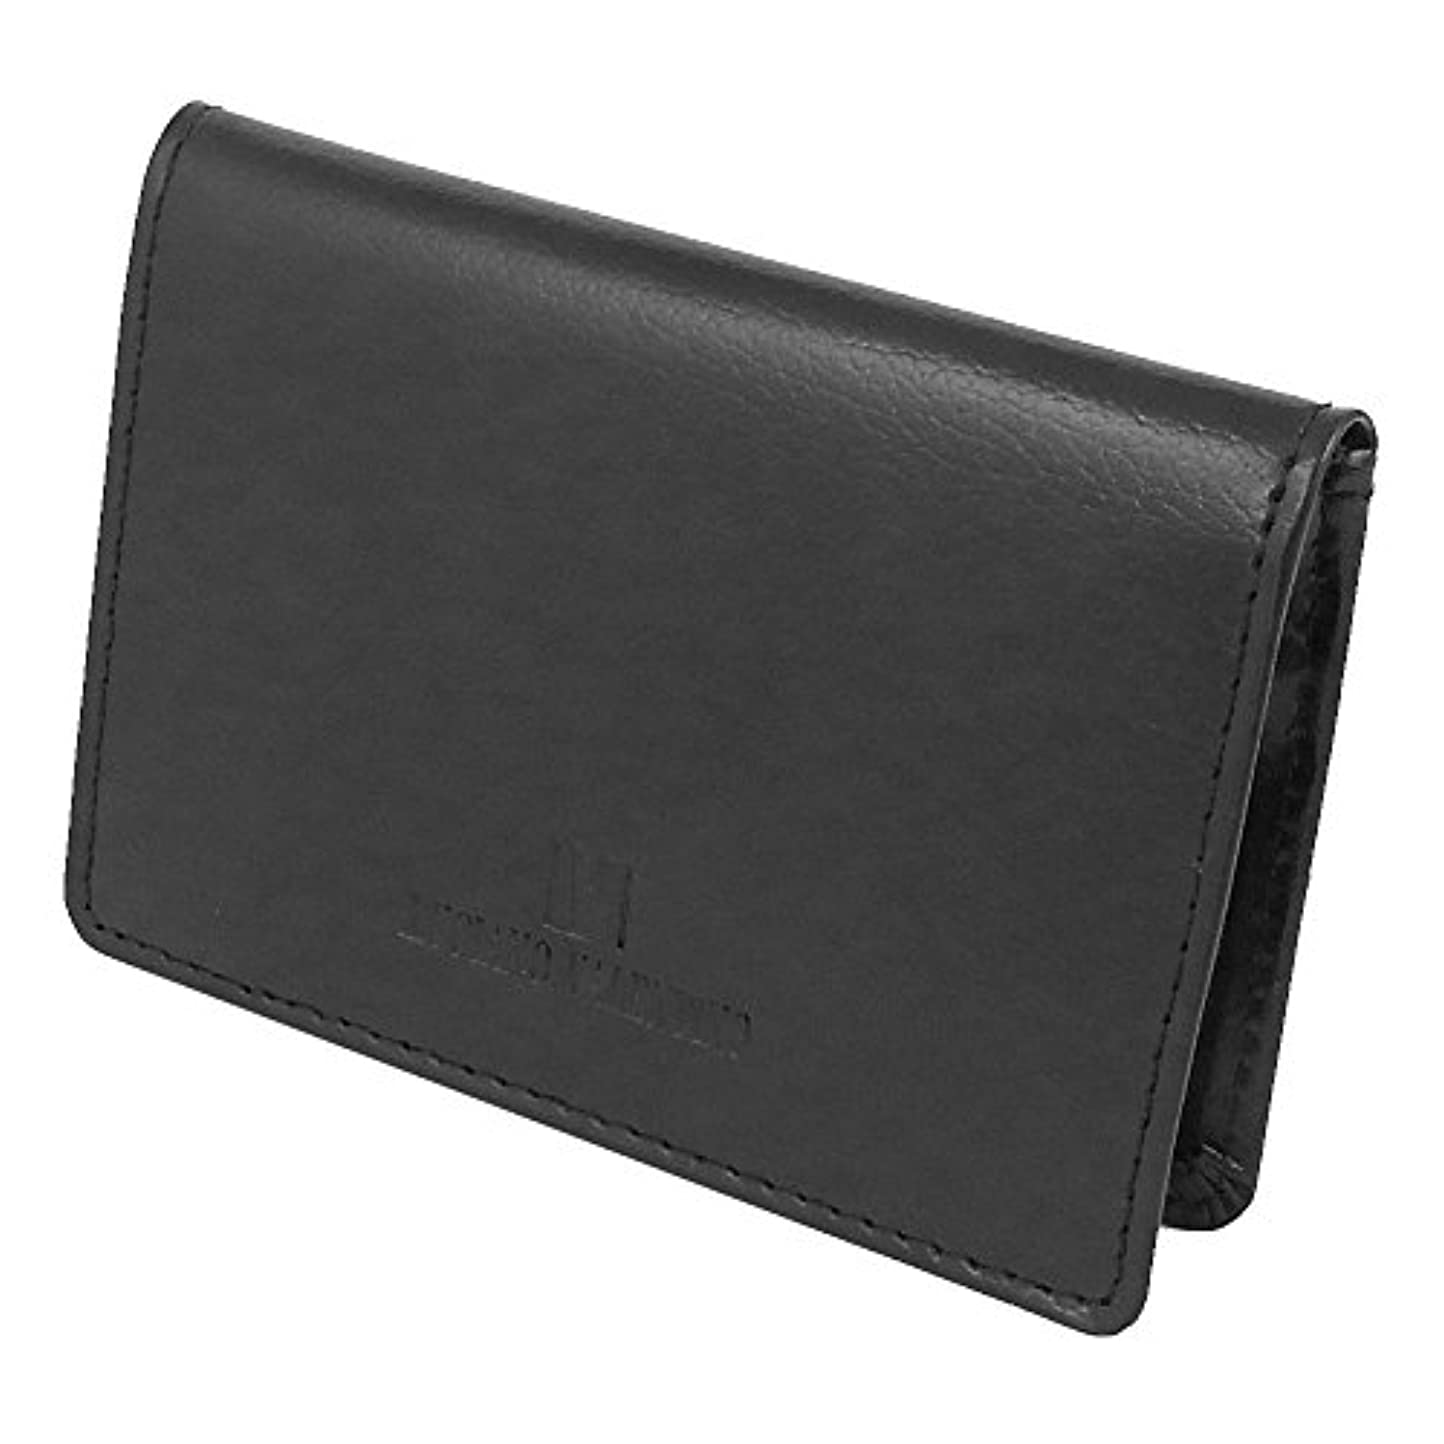 劣る卑しいオリエンタルルチアーノ バレンチノ LUCIANO VALENTINO パスケース 定期入れ メンズ LUV-8007-BK ブラック 財布?小物 カードケース